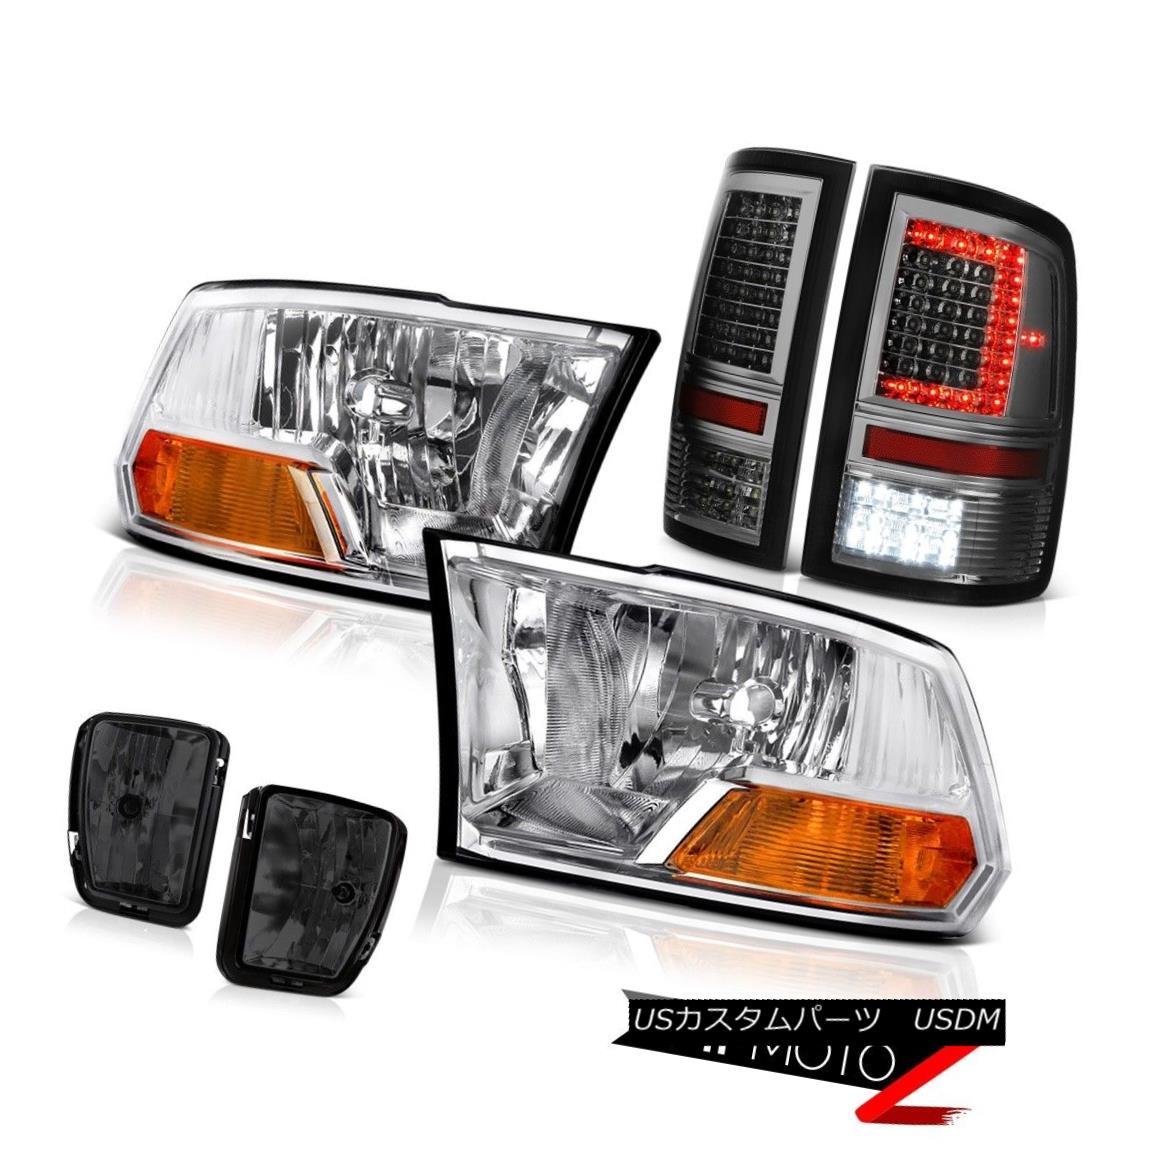 テールライト 13 14 15 16-18 RAM 1500 Tail lamp Fog Sterling Chrome Factory Style Headlights 13 14 15 16-18 RAM 1500テールランプフォグスターリングクロム工場スタイルヘッドライト